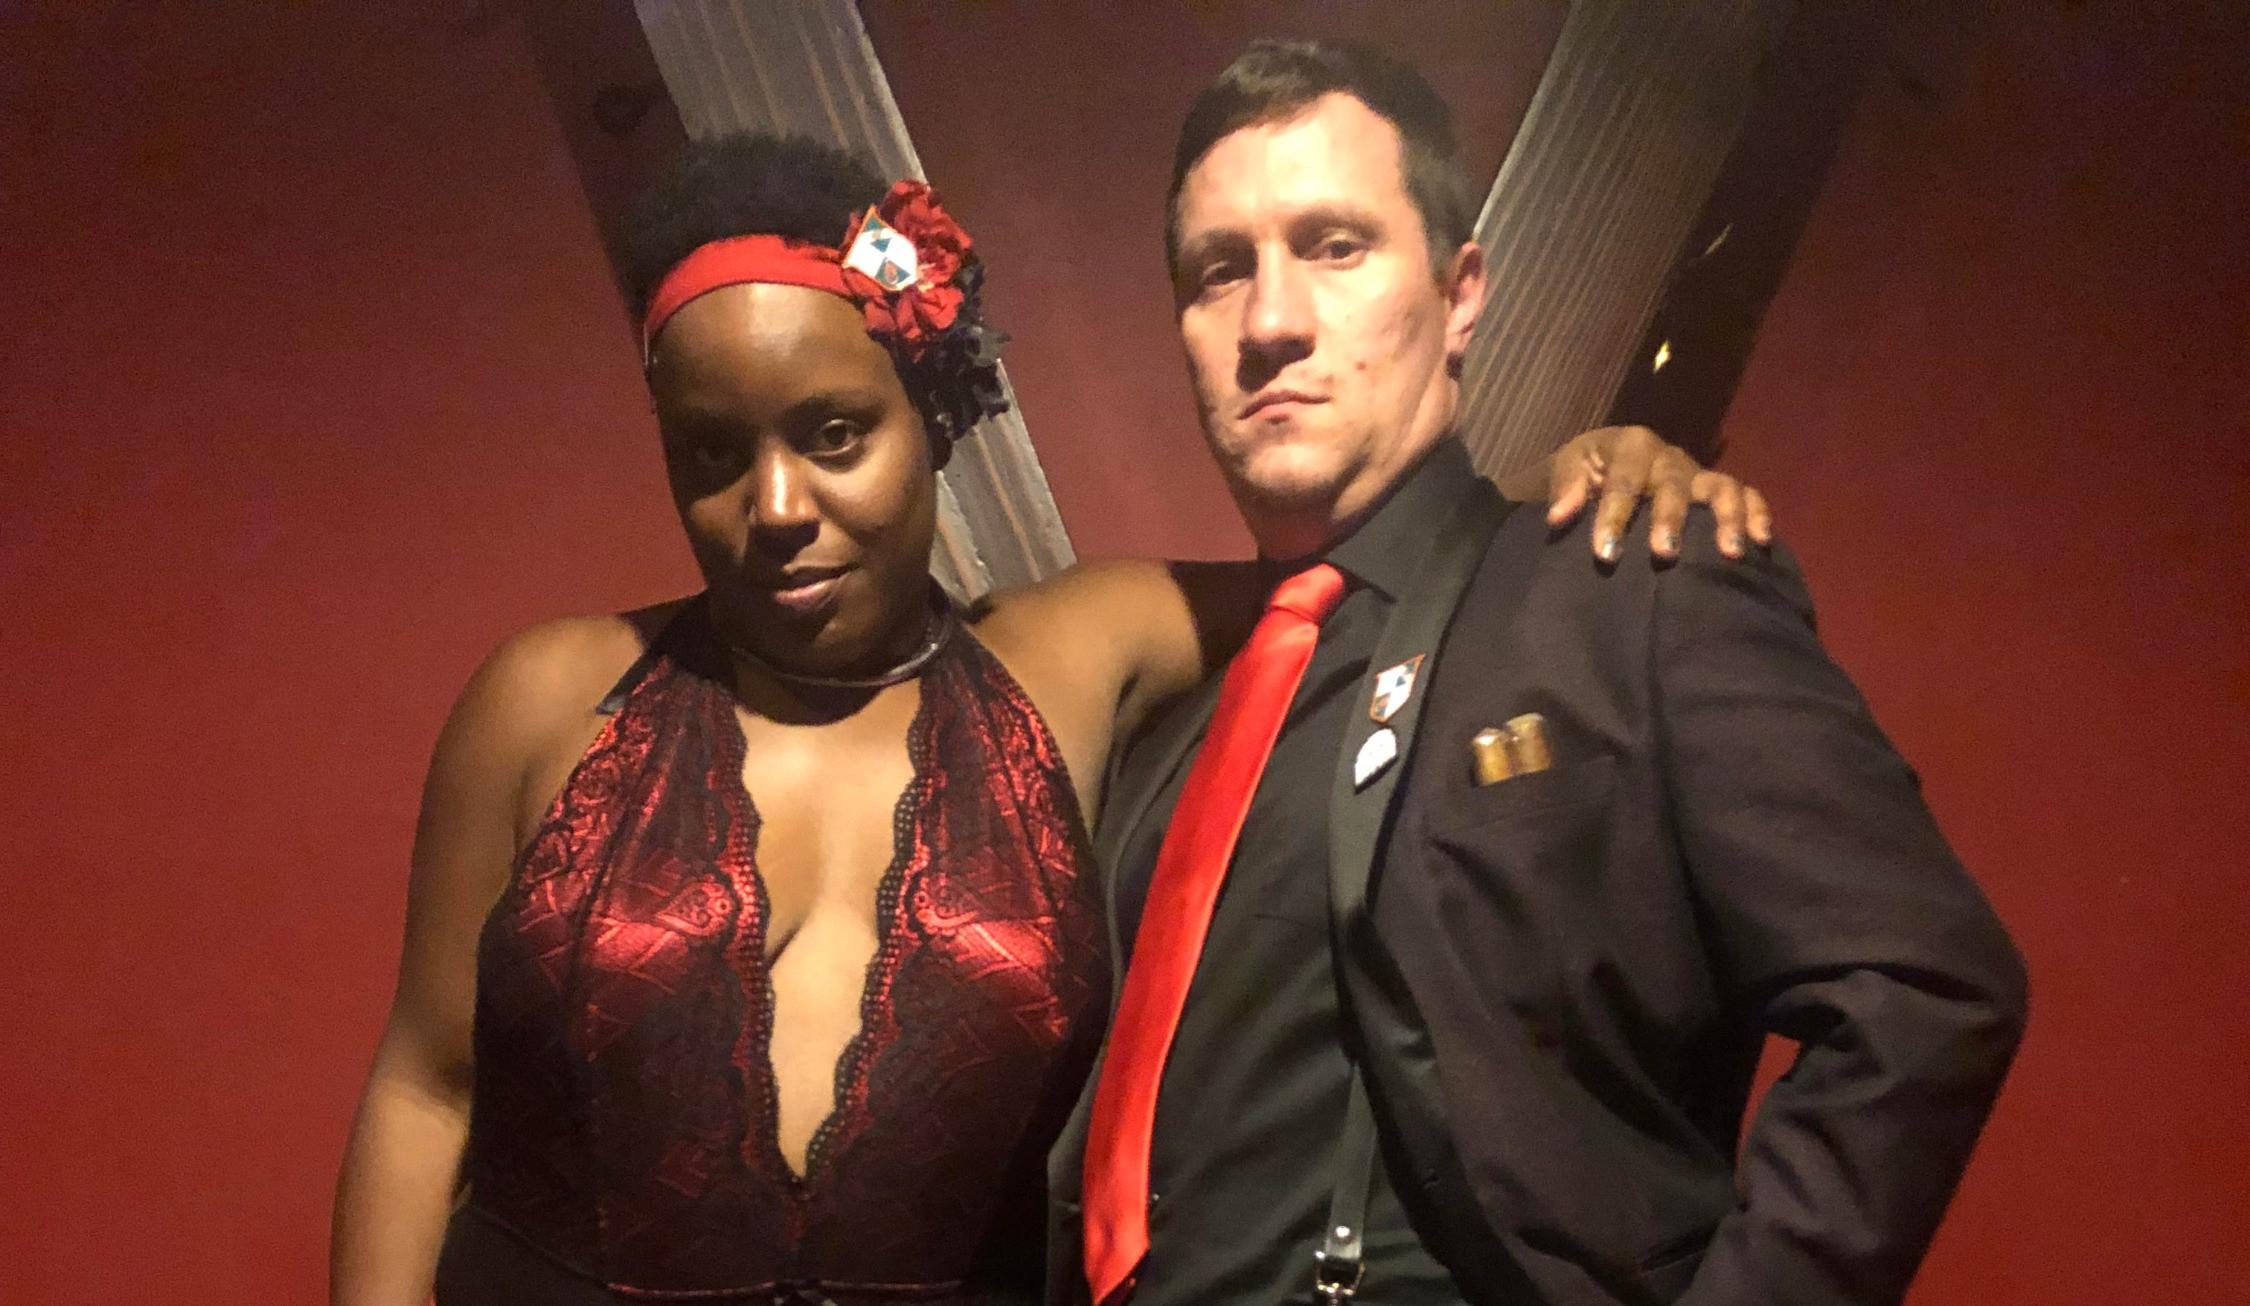 Bachelor(ette) Party Class & Performance